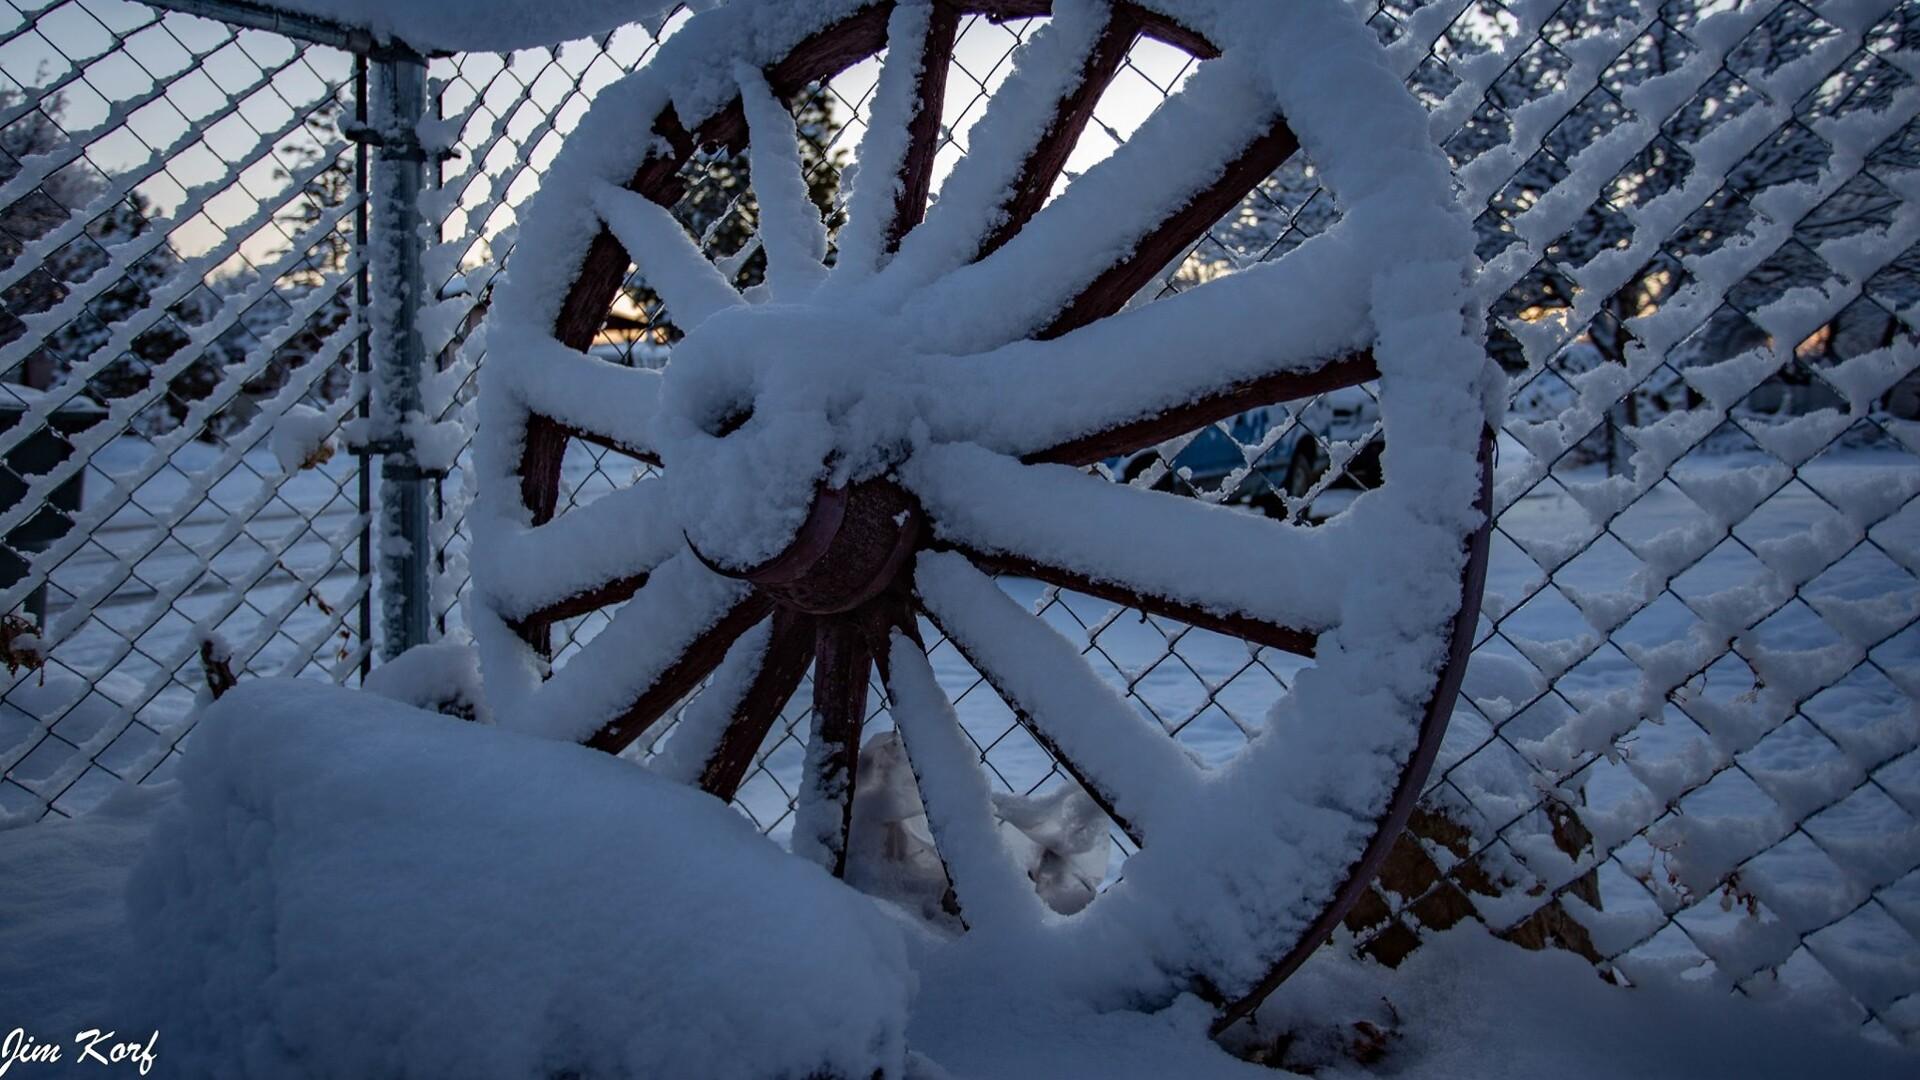 Colorado City Snow Jim Korf.jpg